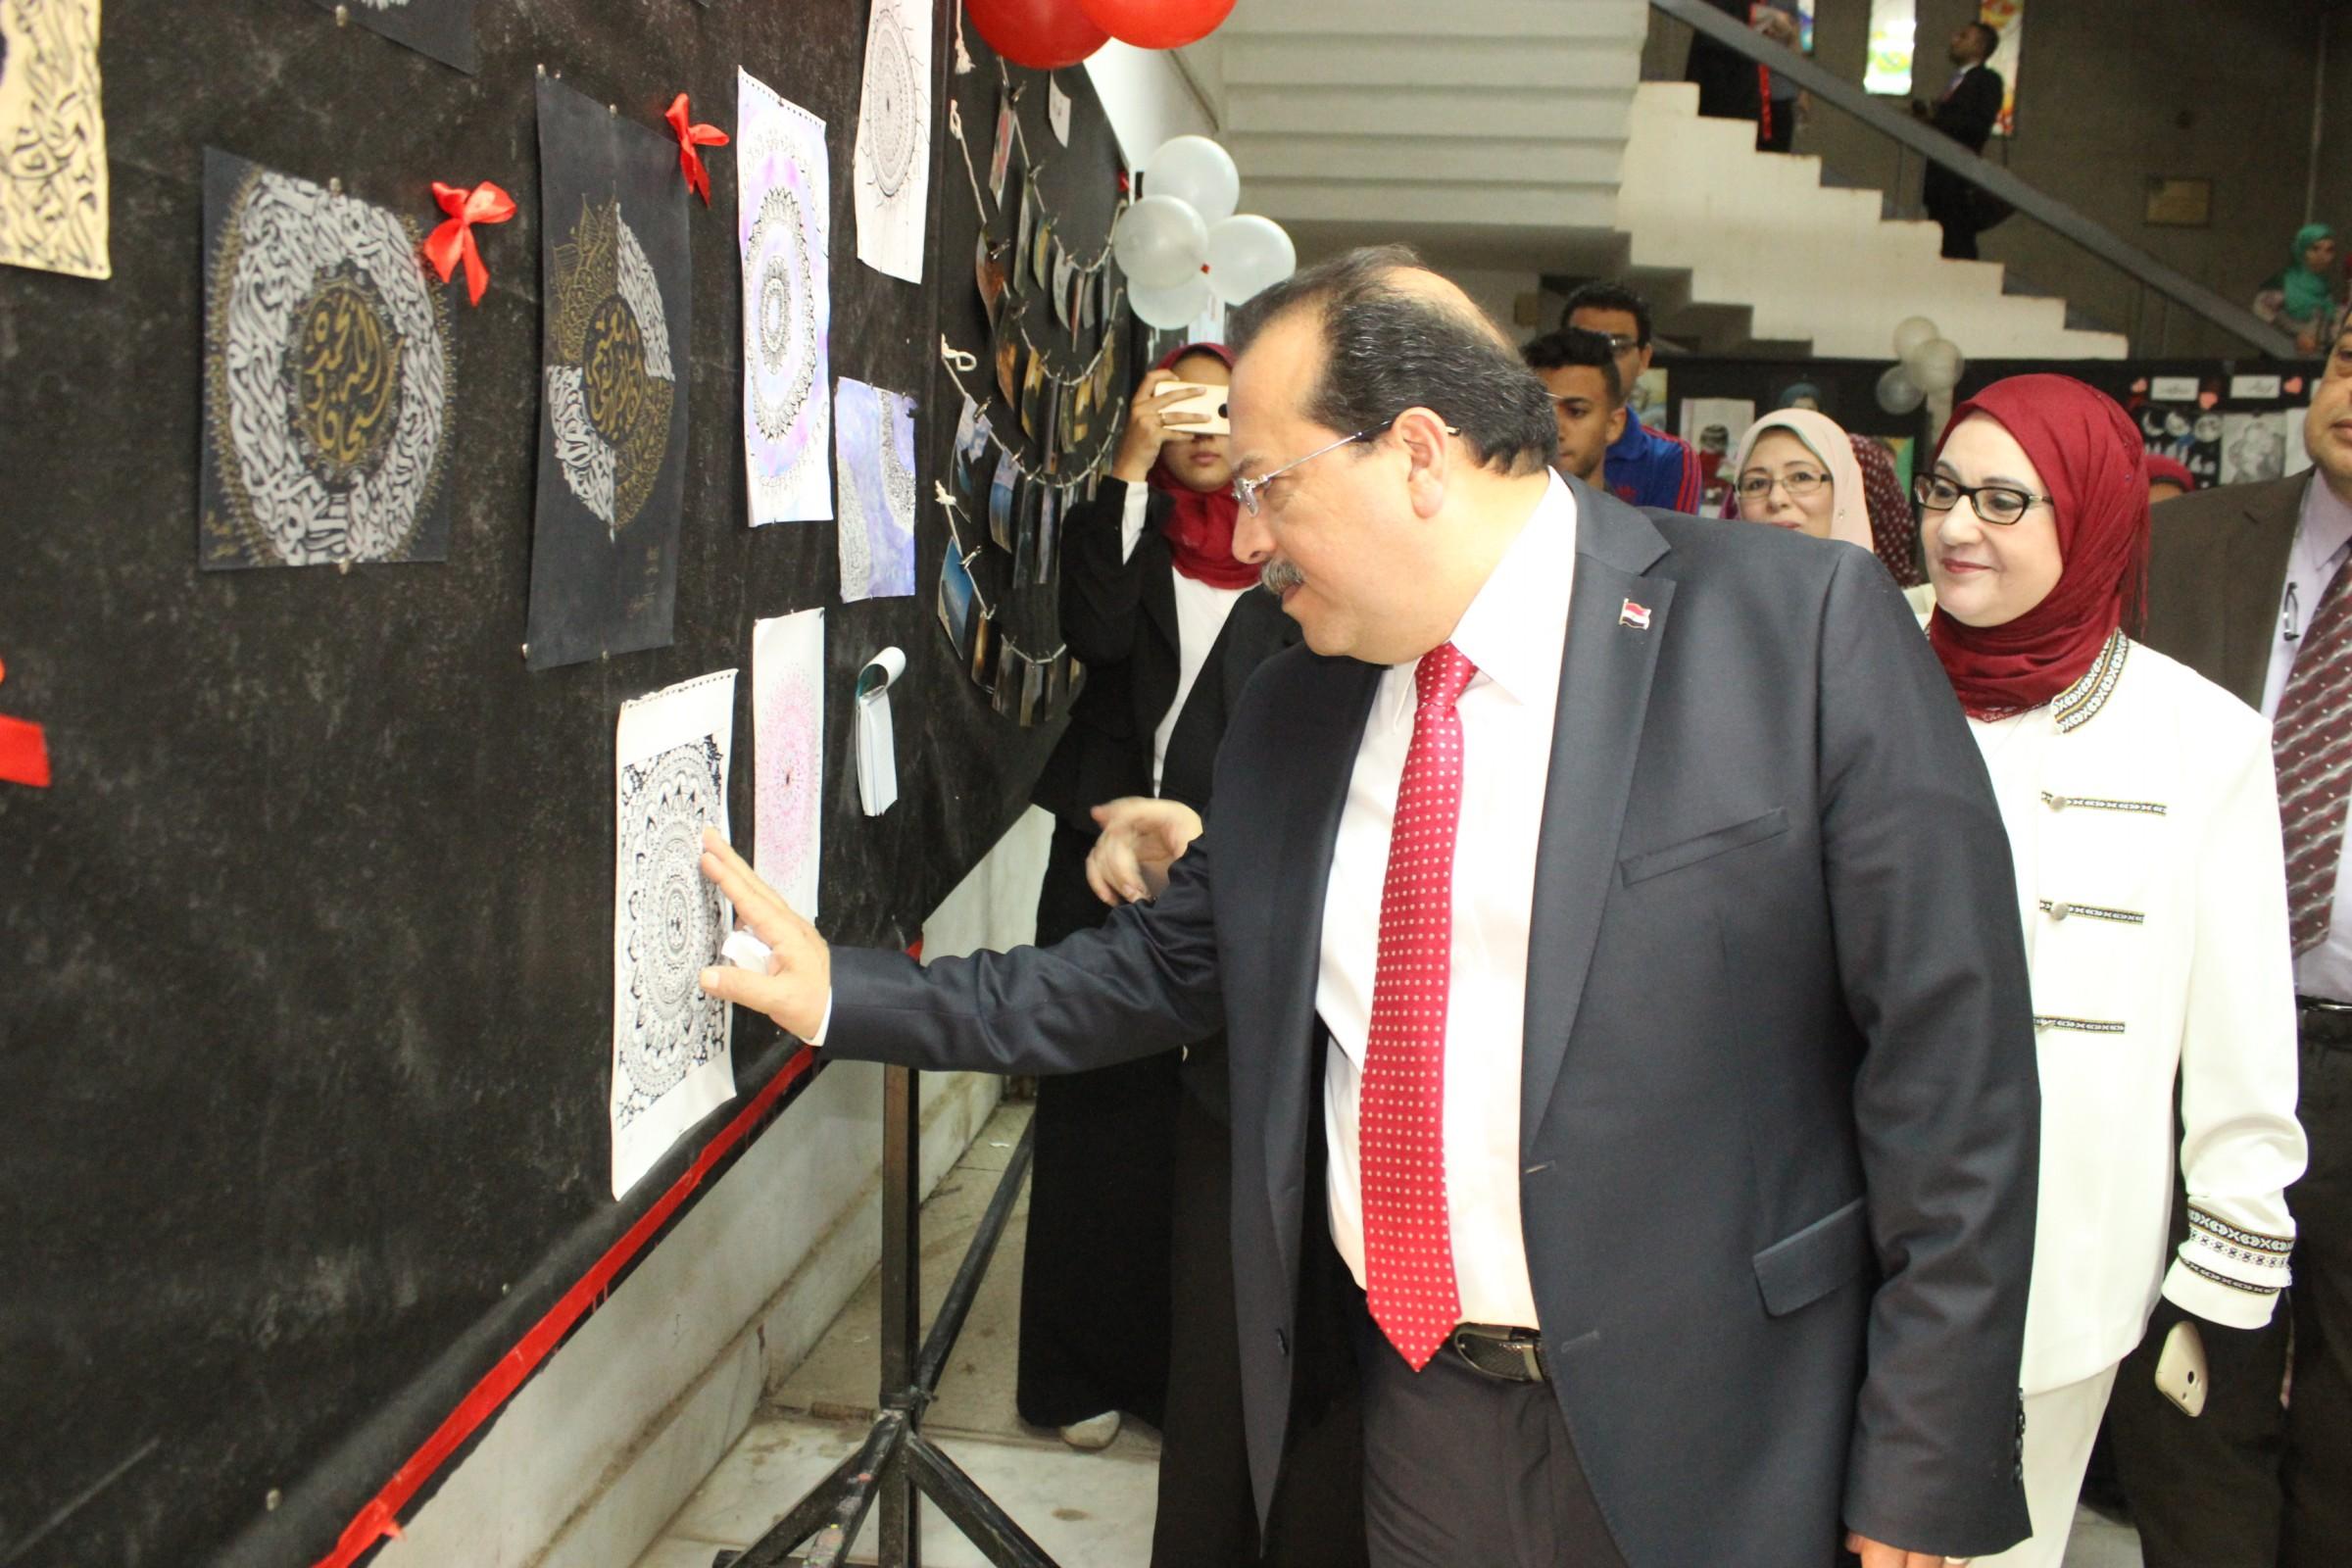 عرض أعمال أحمد خالد توفيق بالمعرض الفني (3)